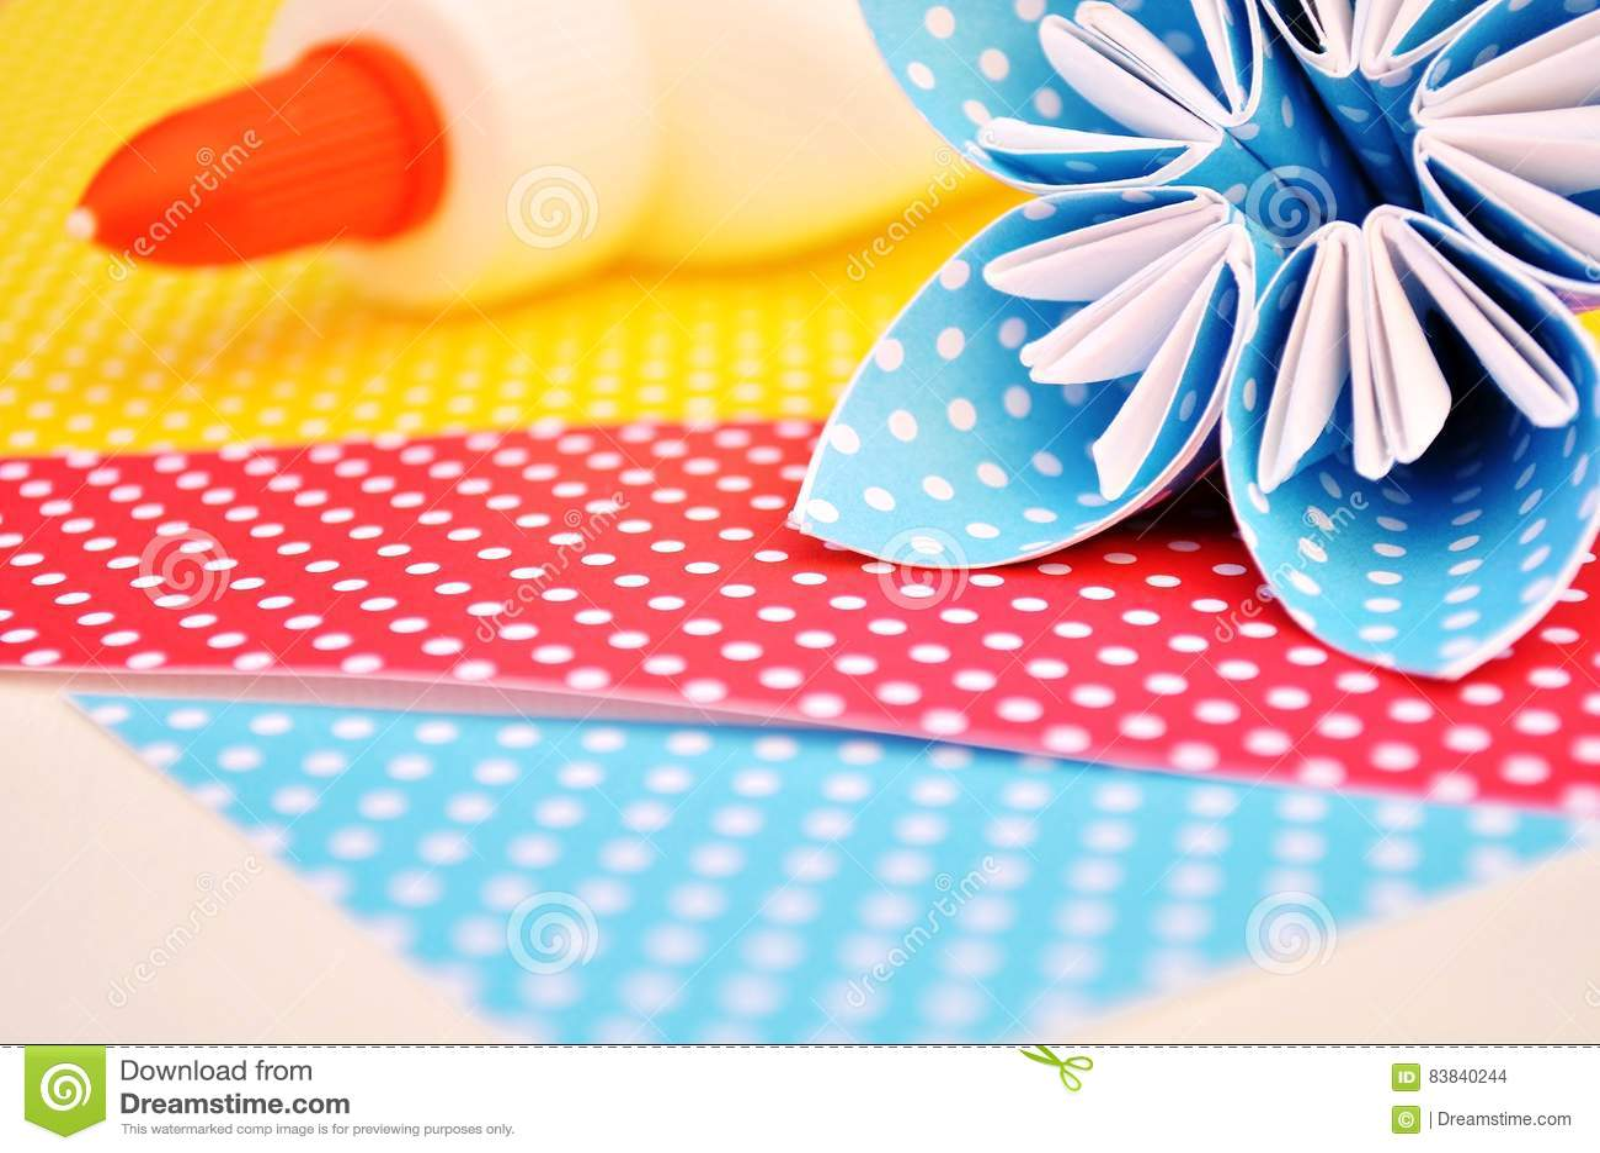 L origami bleu fleurit et colle la bouteille sur le fond pointillé